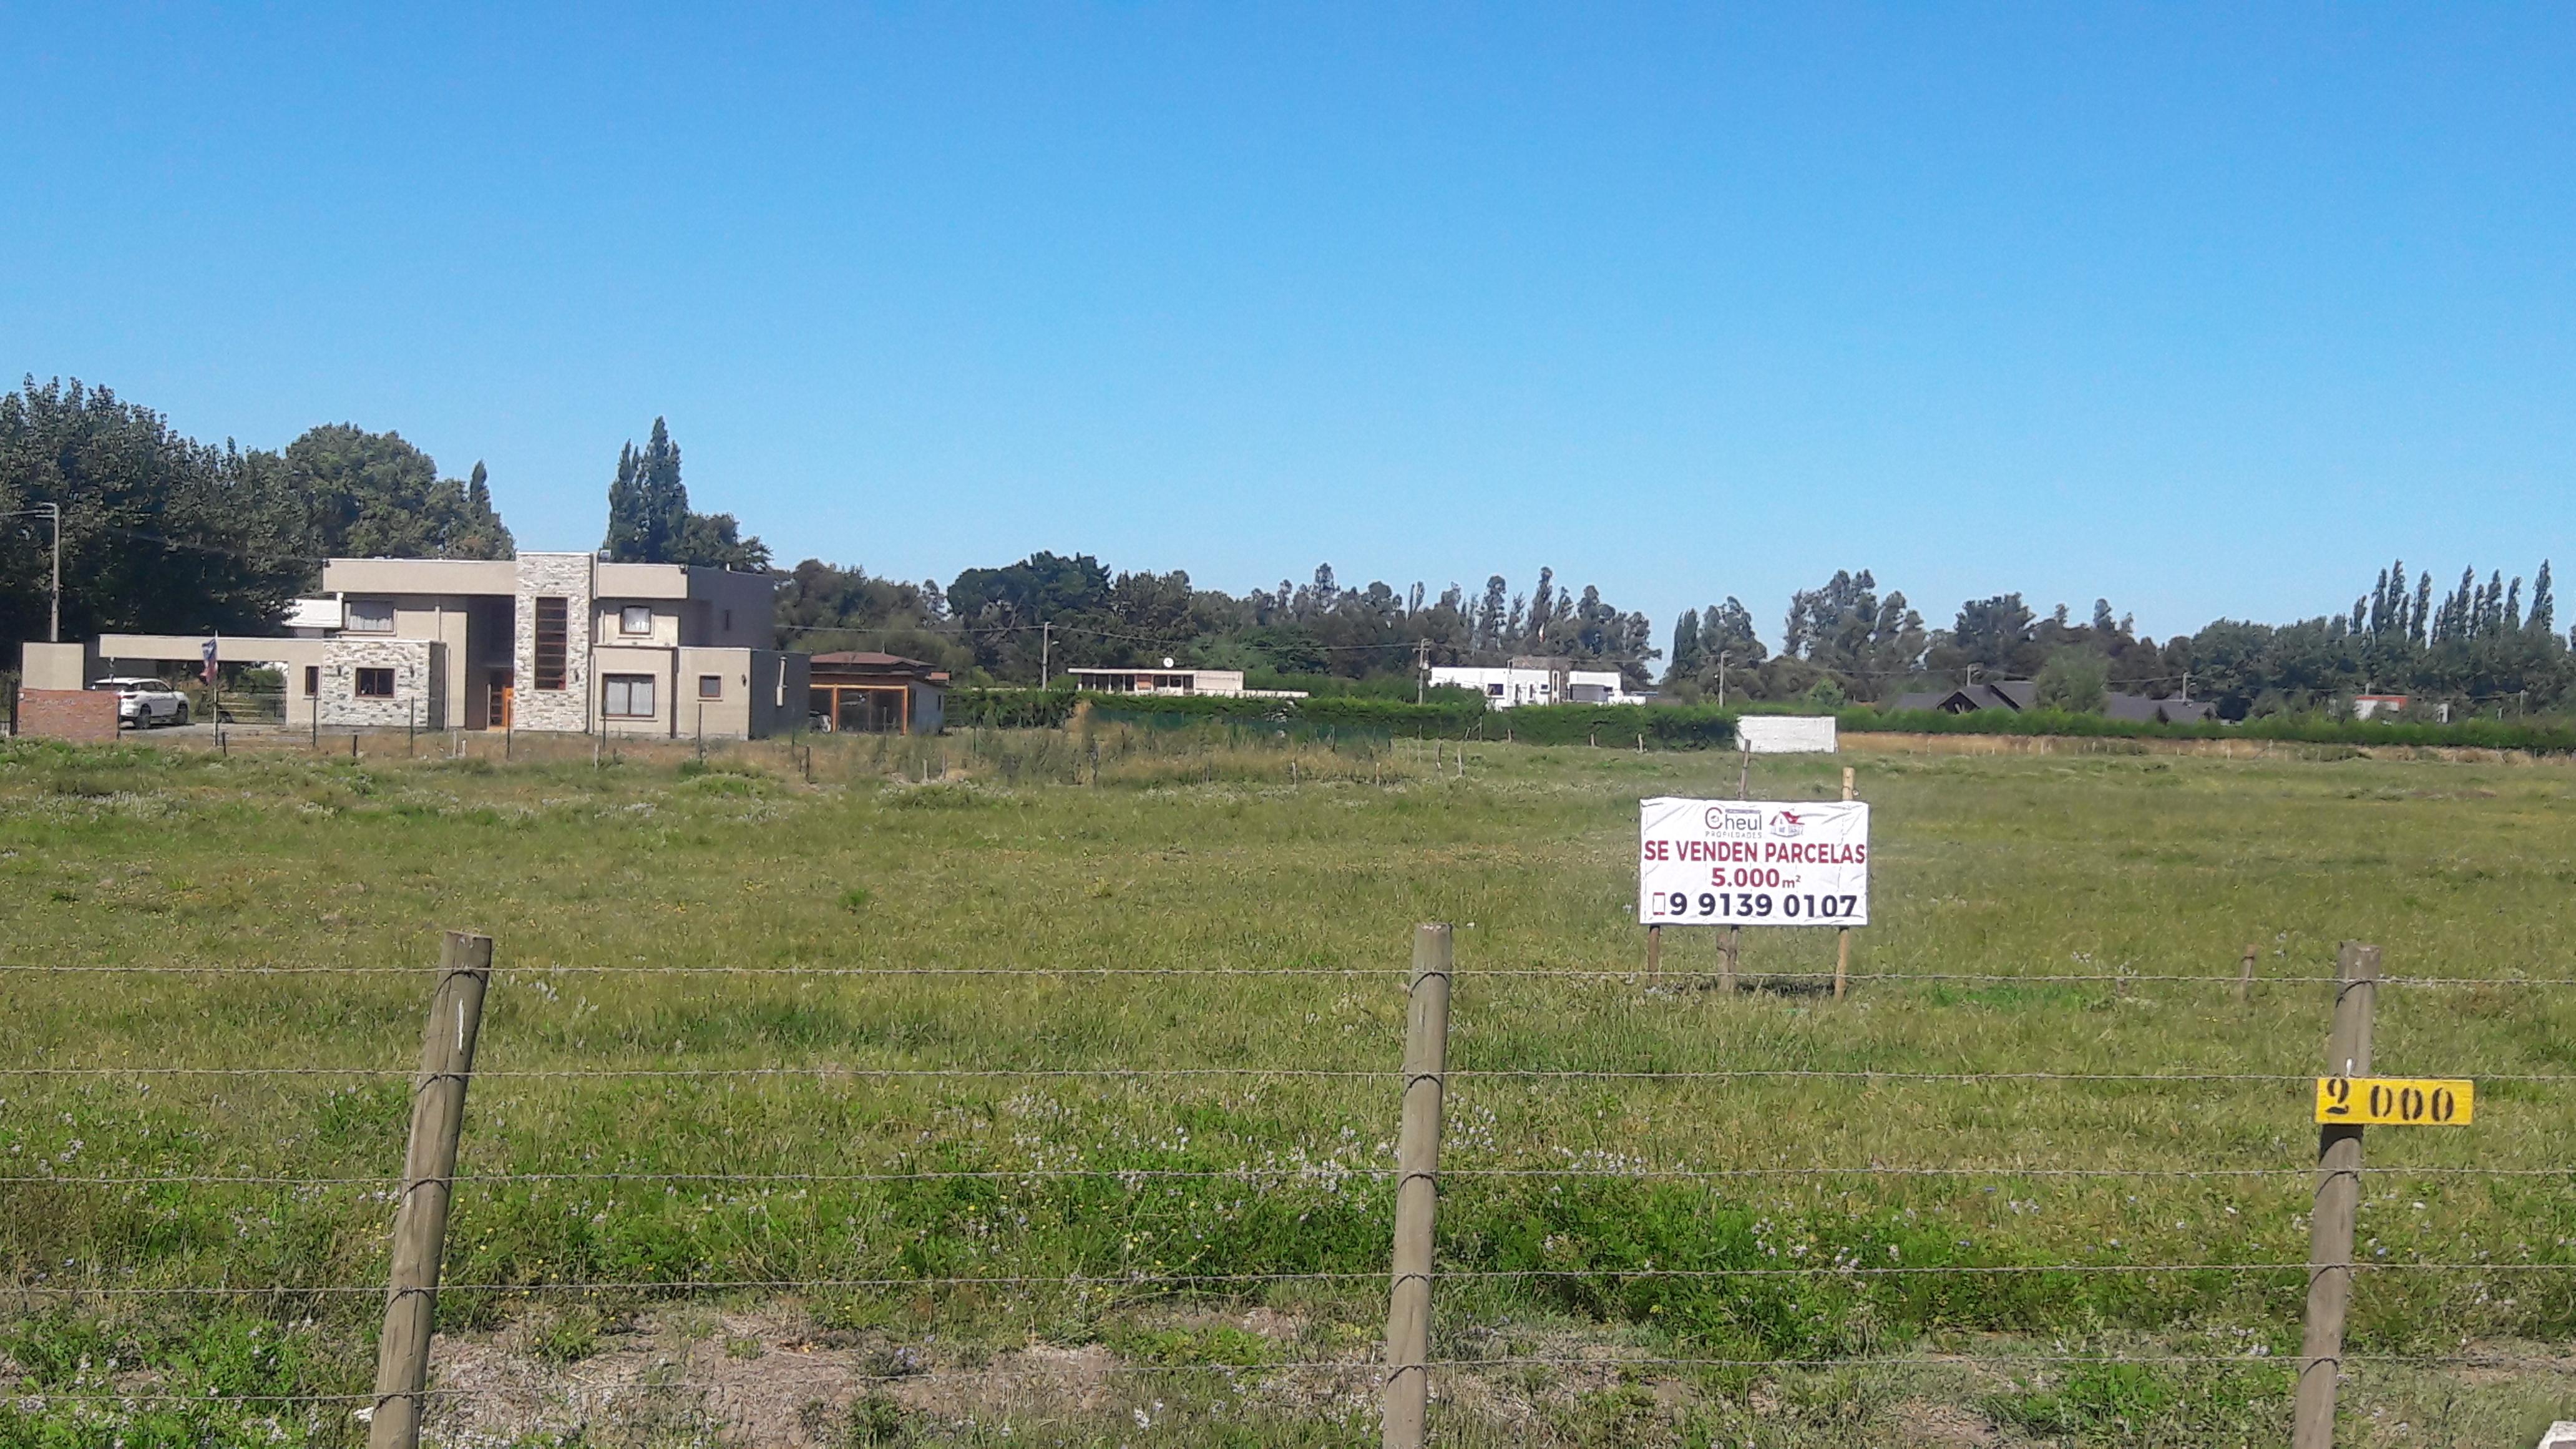 Vendo Parcelas de 5000 m2 a 1.5 km Camino Sta Barbara